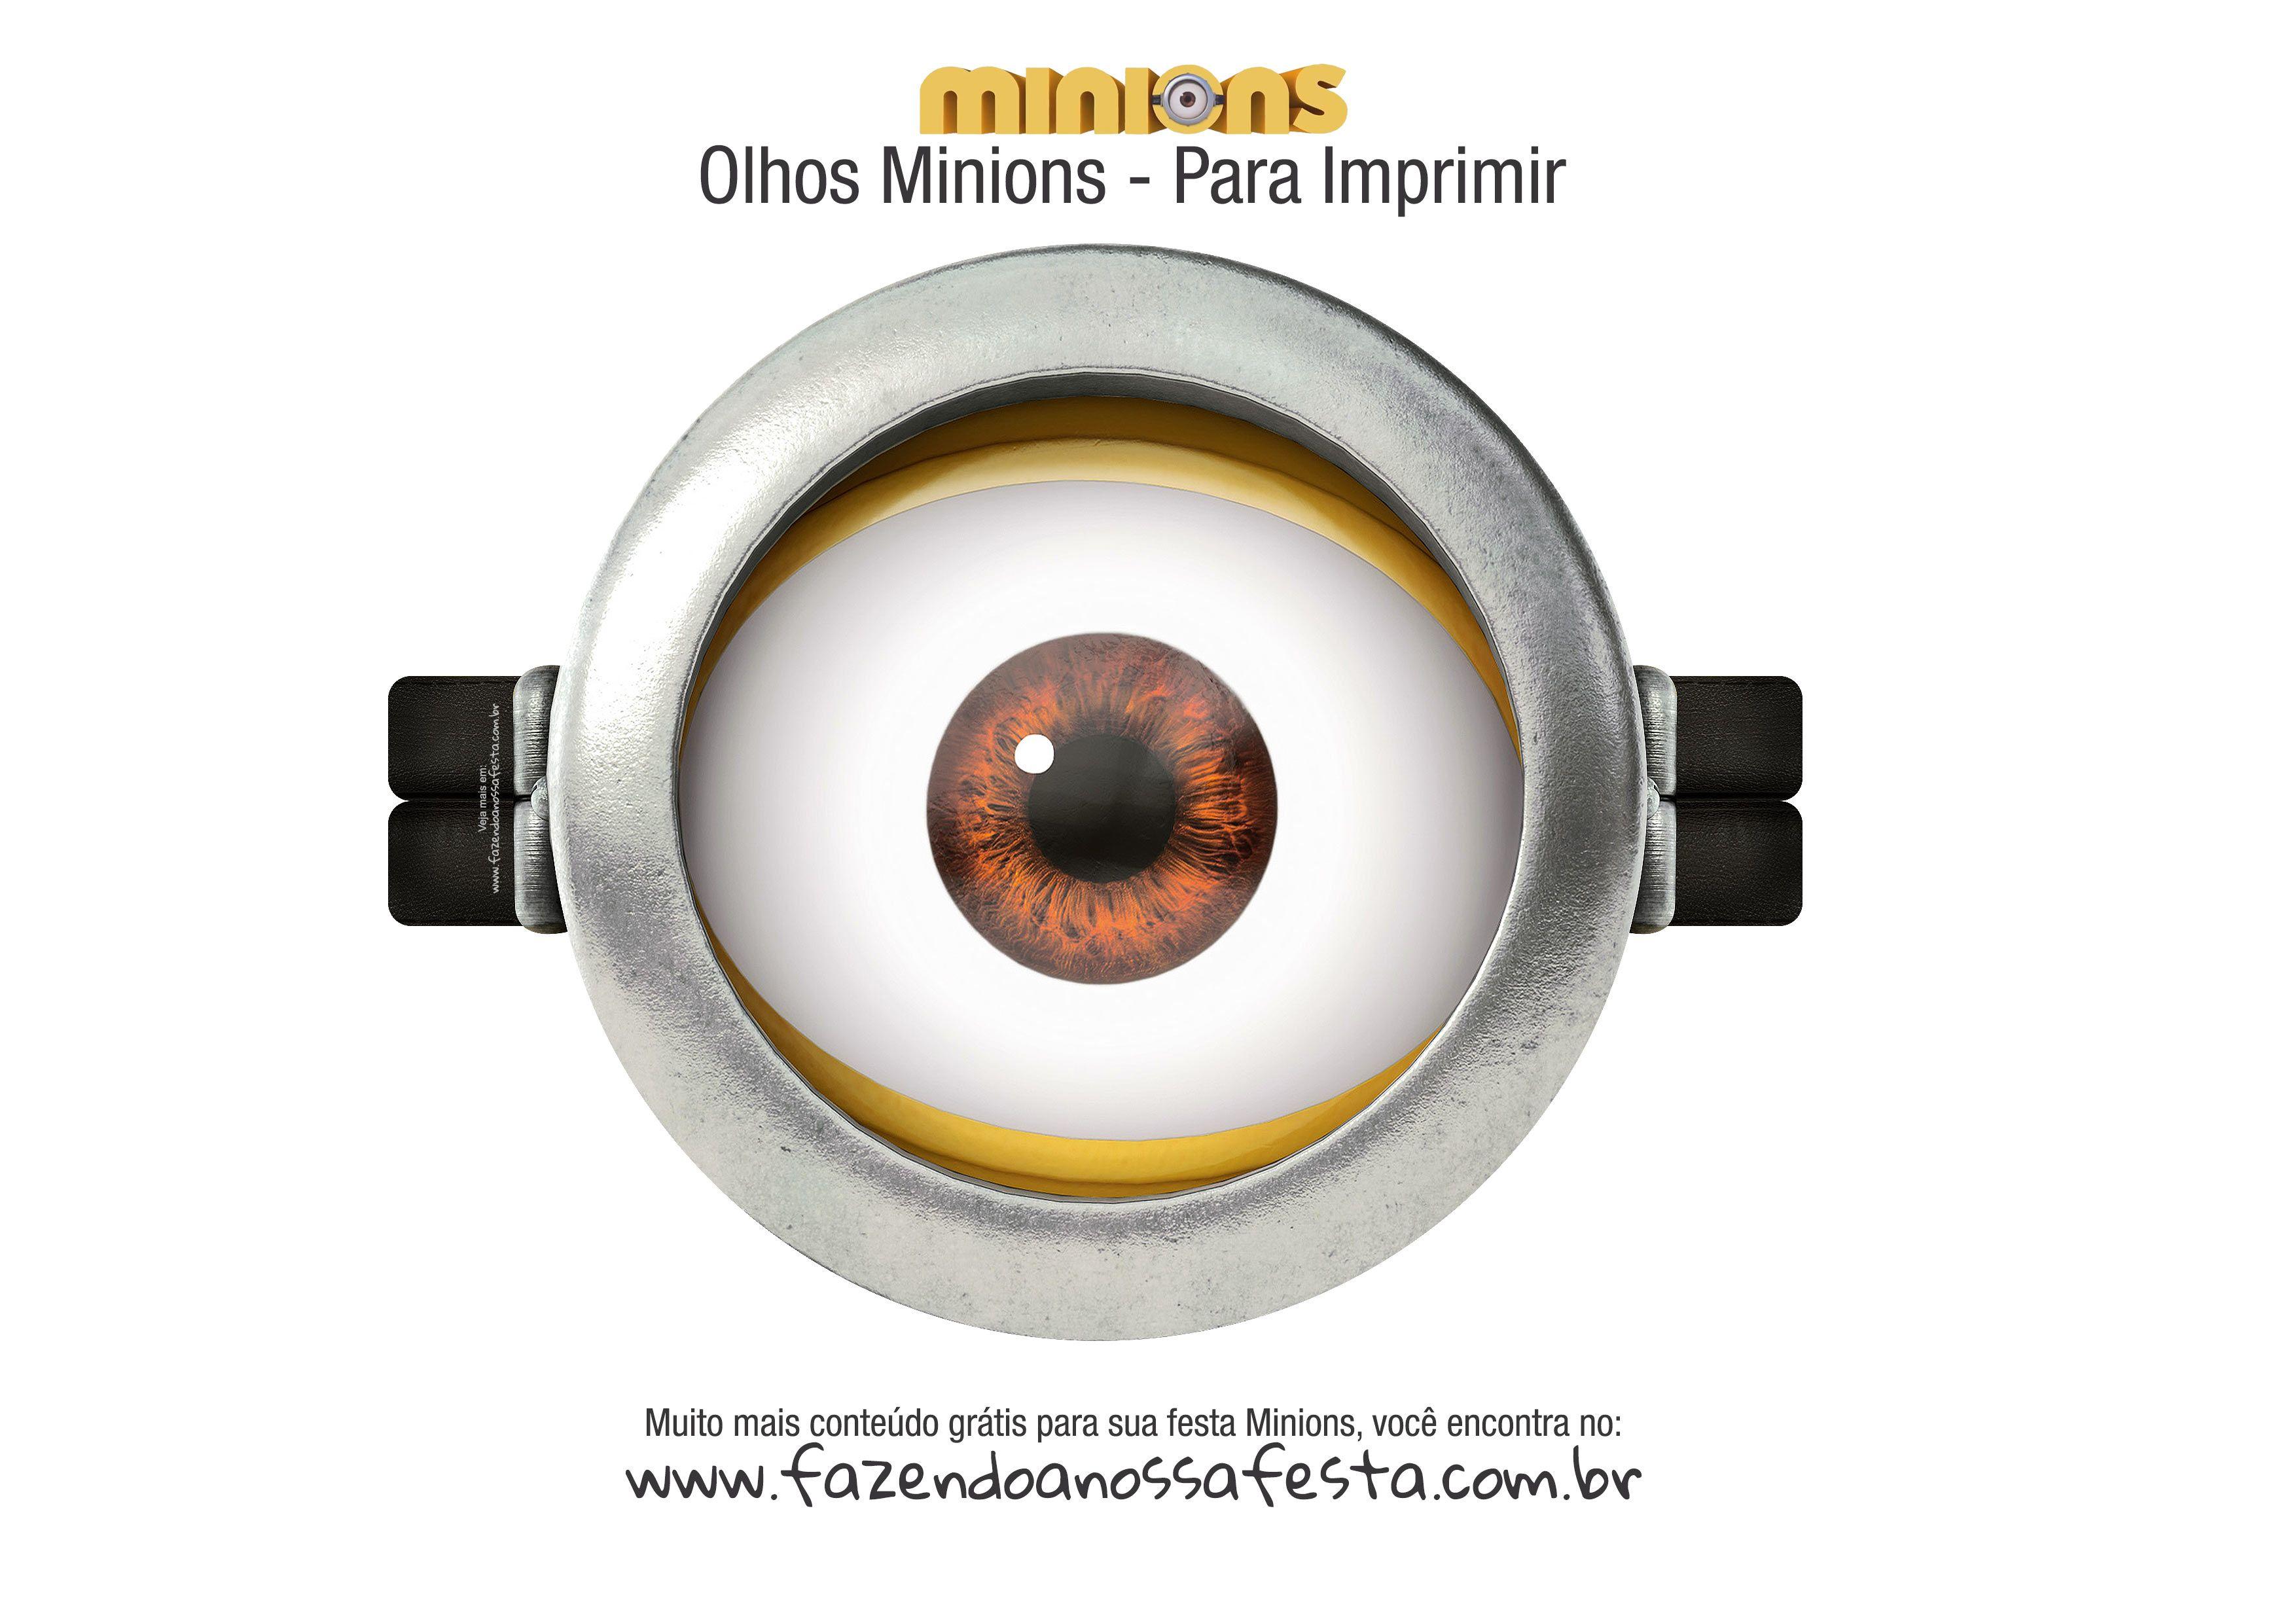 Http Fazendoanossafesta Com Br 2015 10 Olhos Minions Gratis Para